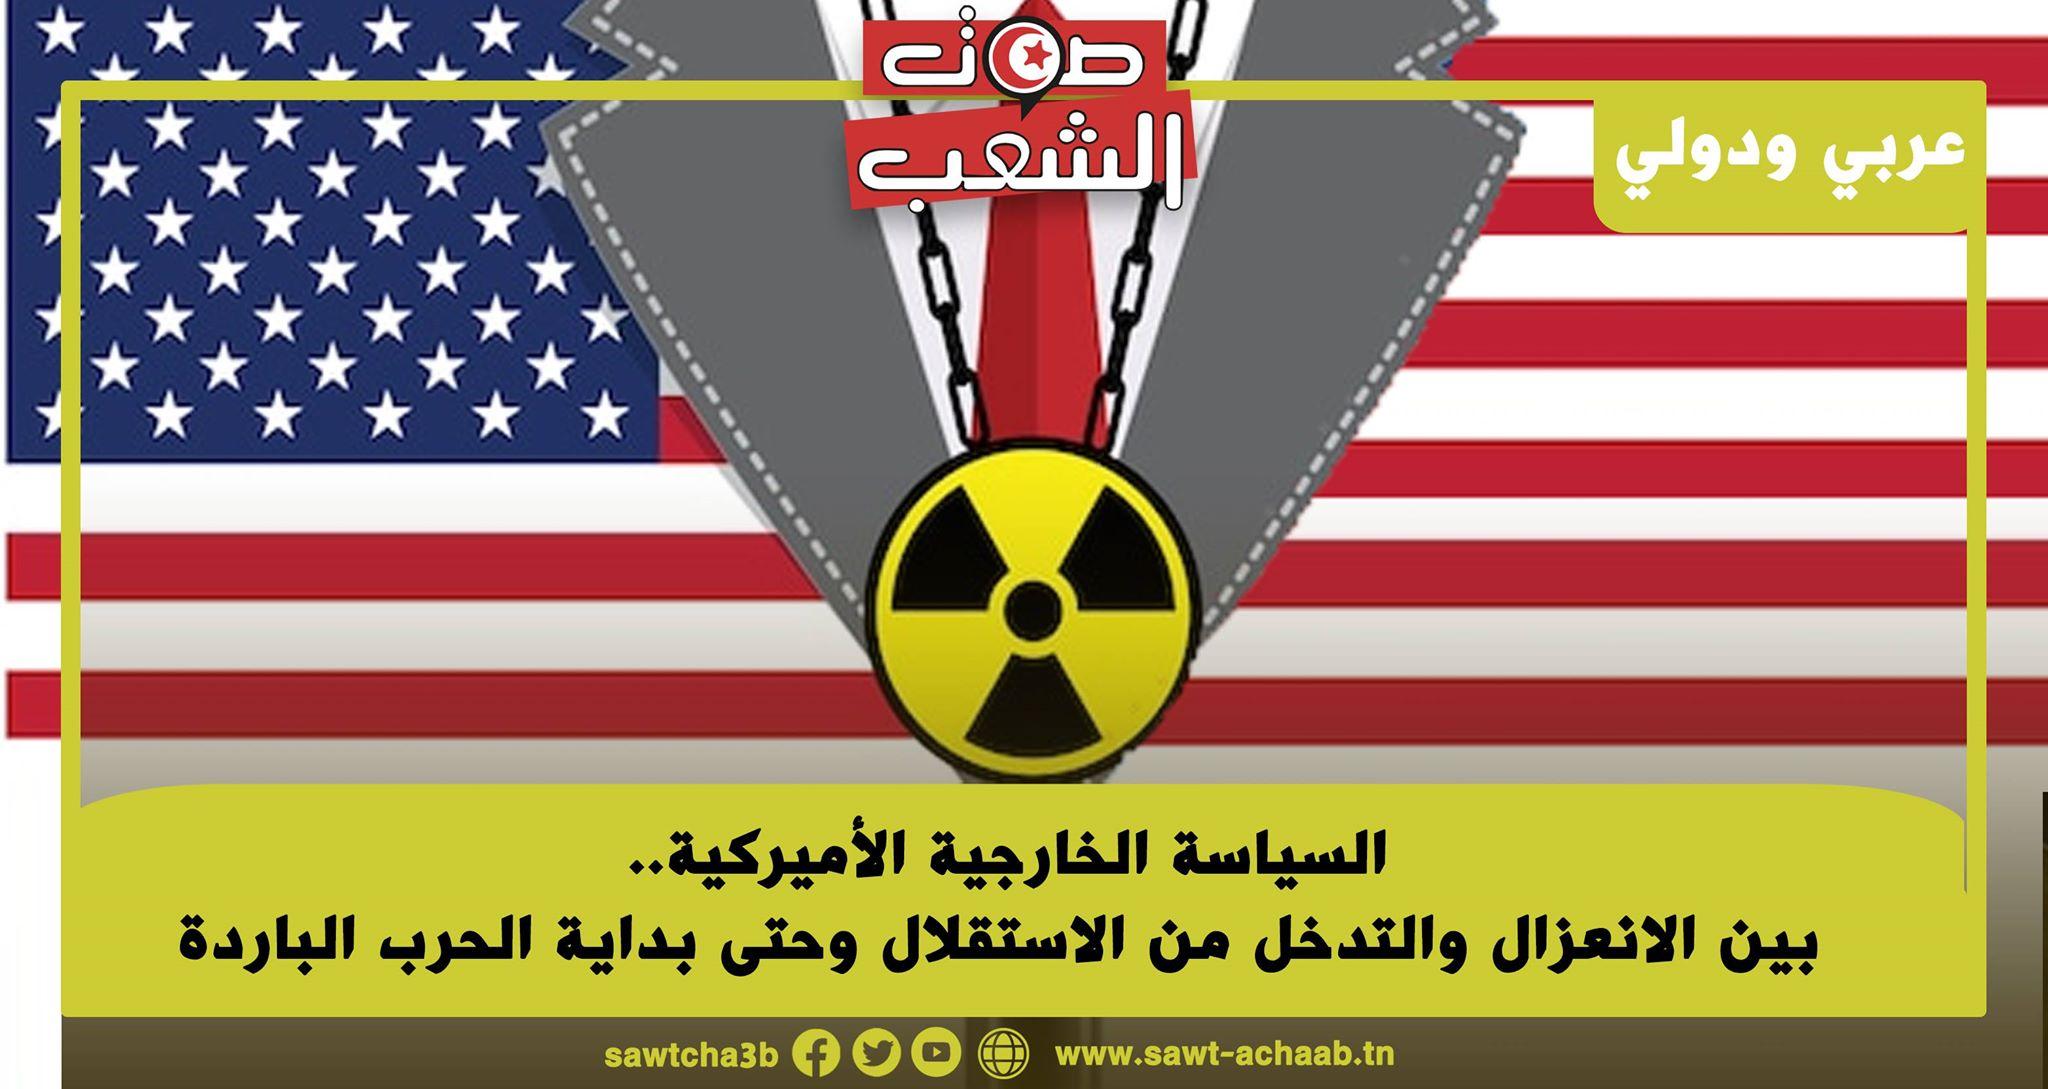 السياسة الخارجية الأميركية.. بين الانعزال والتدخل من الاستقلال وحتى بداية الحرب الباردة